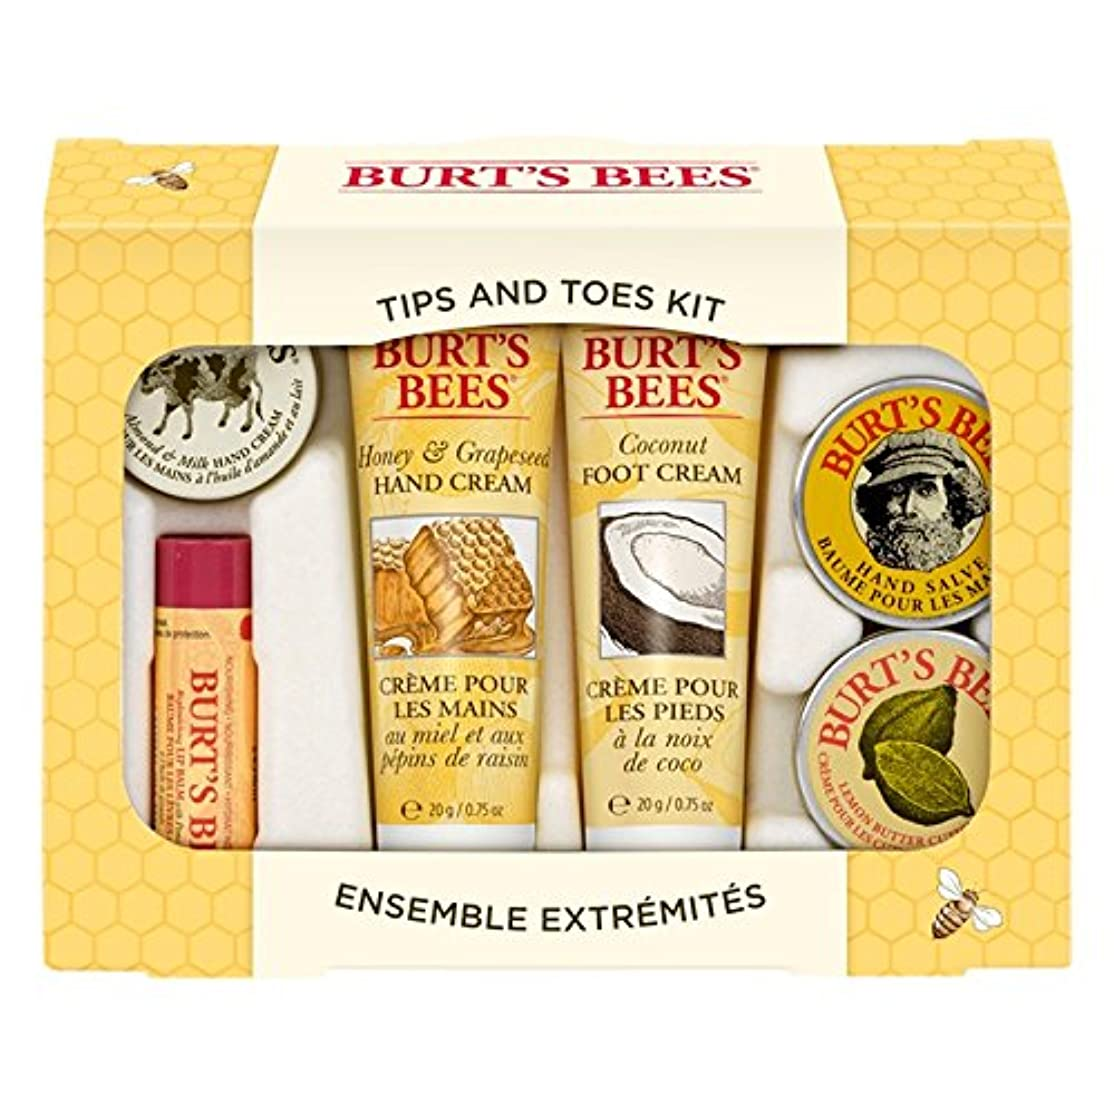 ピンポイントインスタンス最高バーツビーのヒントとつま先はスターターキットをスキンケア (Burt's Bees) (x6) - Burt's Bees Tips And Toes Skincare Starter Kit (Pack of 6) [並行輸入品]